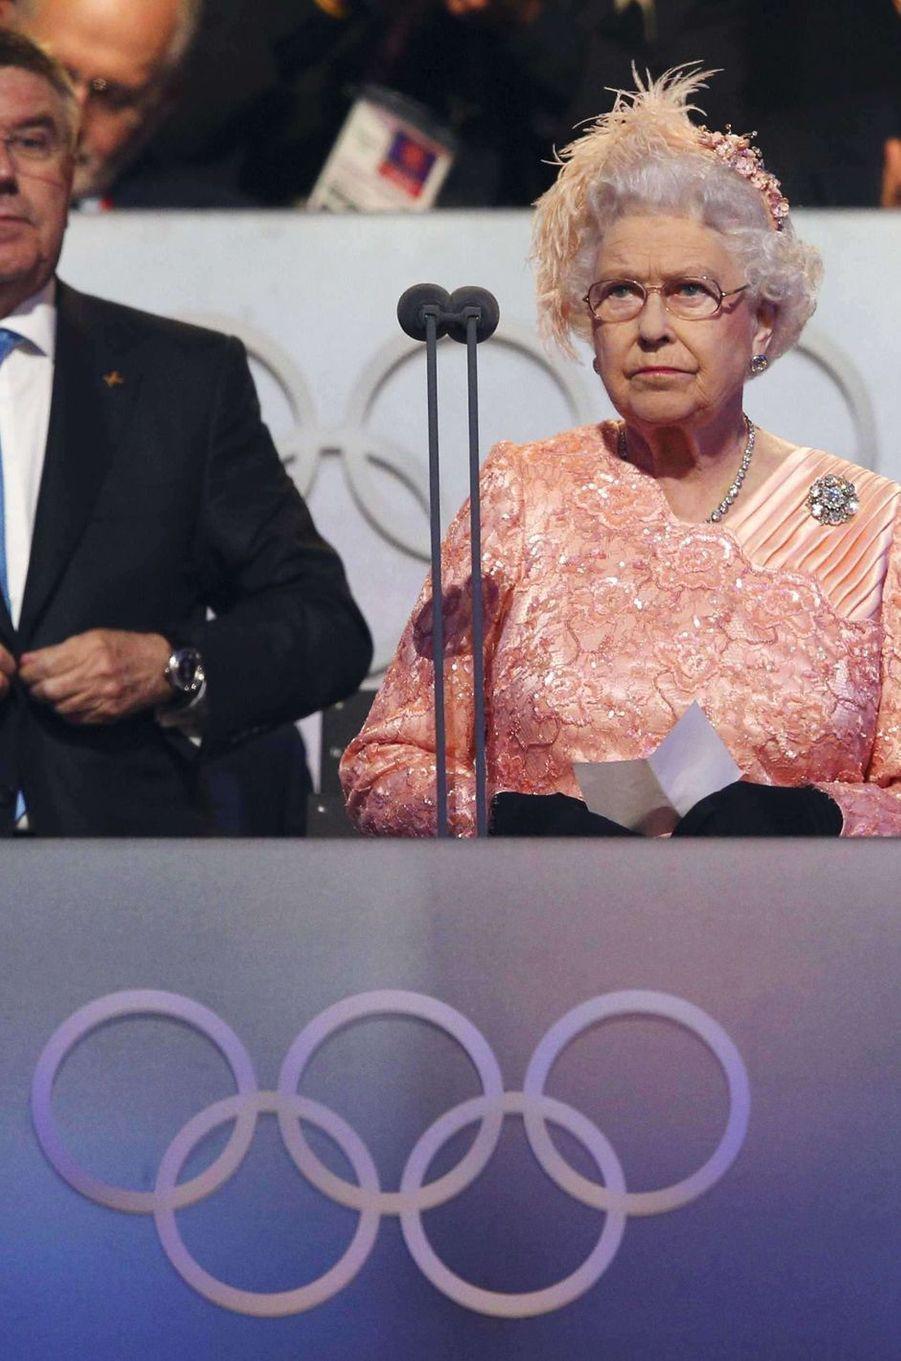 La reine Elizabeth II lors de la cérémonie d'ouverture des JO de Londres, le 28 juillet 2012